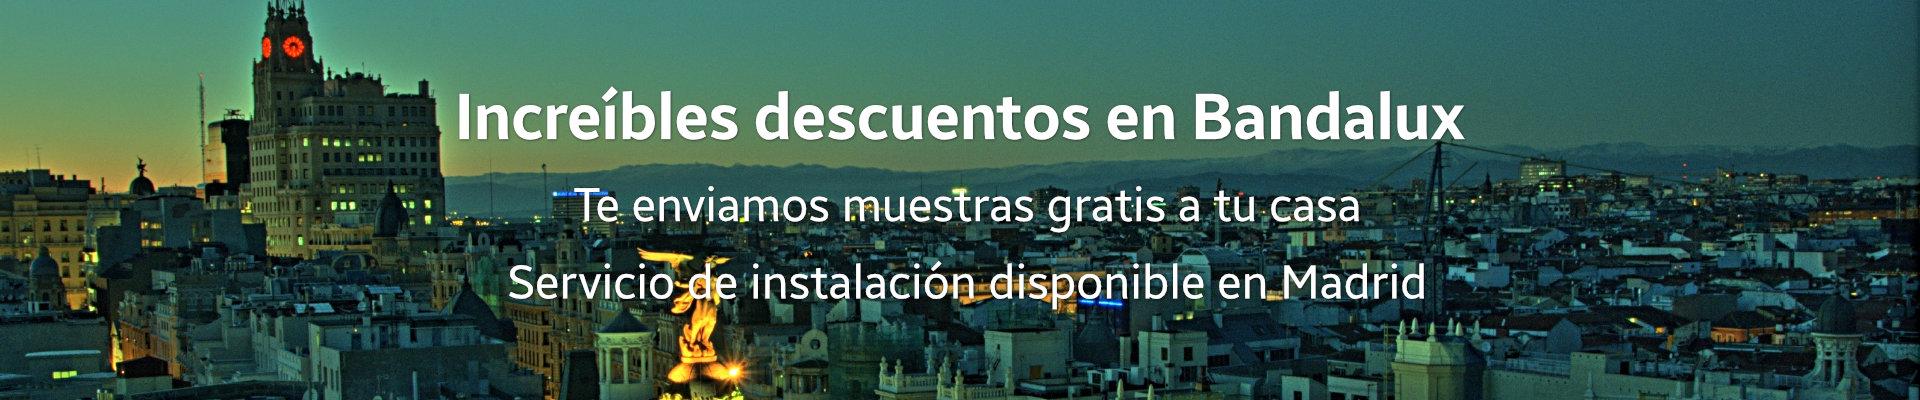 Grandes descuentos en Bandalux para Madrid